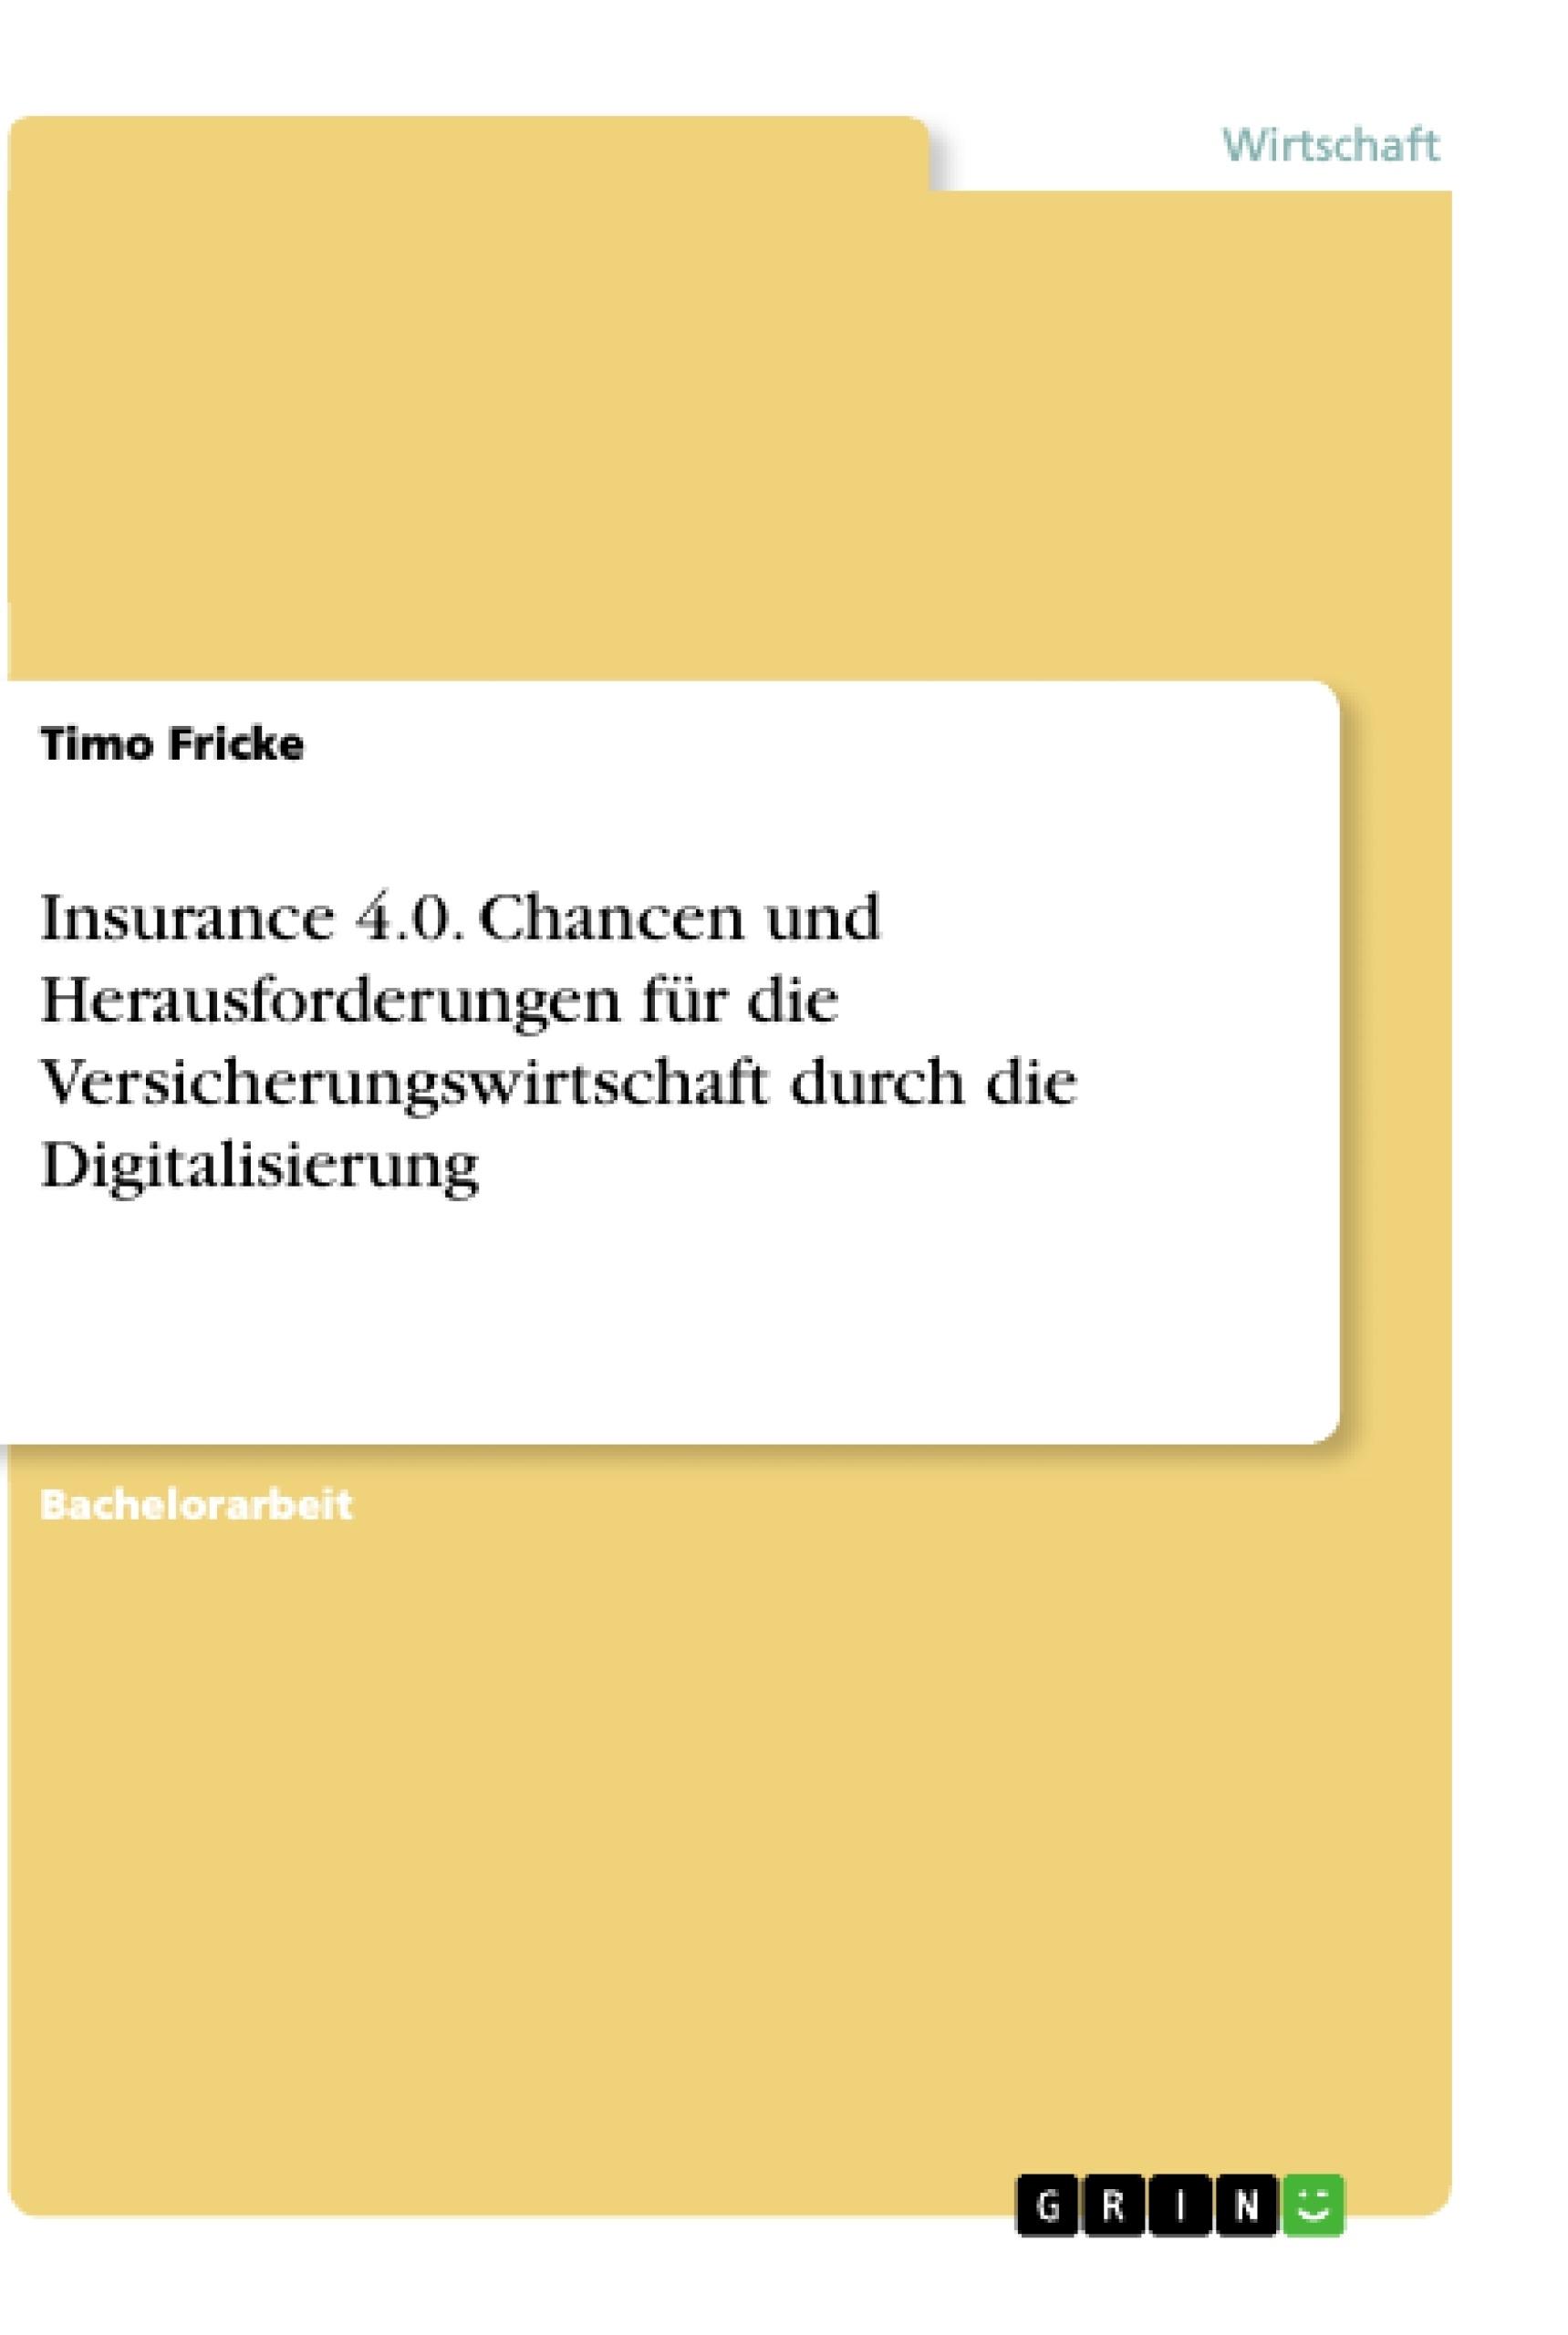 Titel: Insurance 4.0. Chancen und Herausforderungen für die Versicherungswirtschaft durch die Digitalisierung